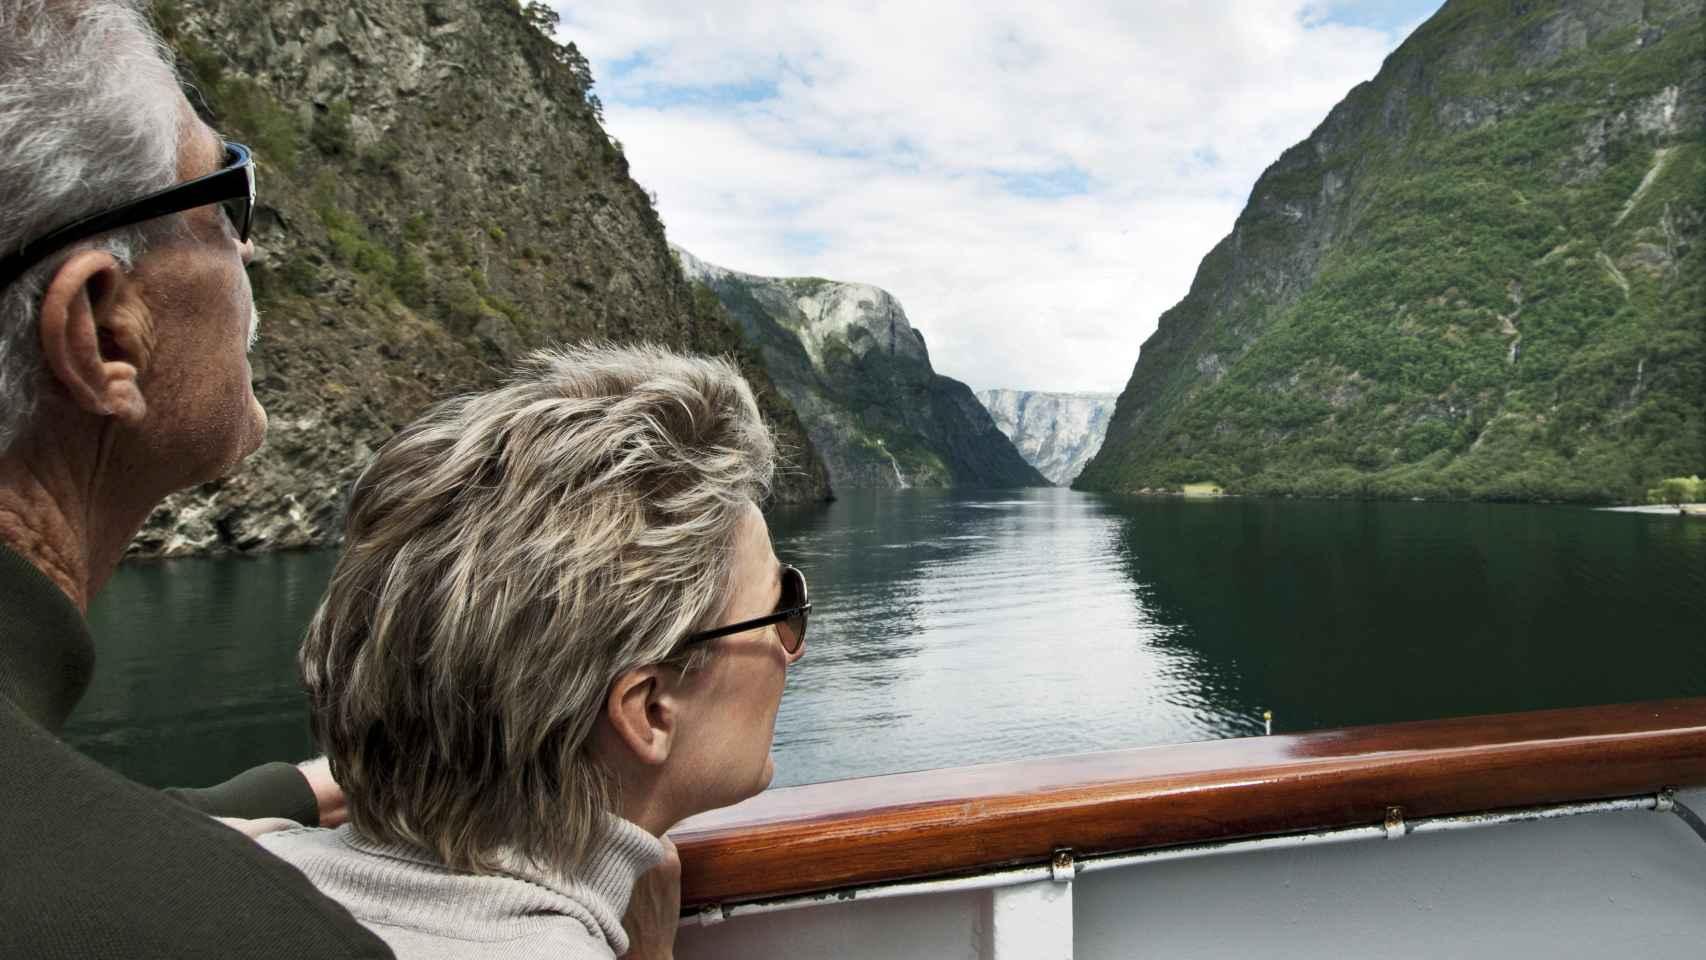 Pasajeros contemplan el escenario que ofrecen los fiordos.